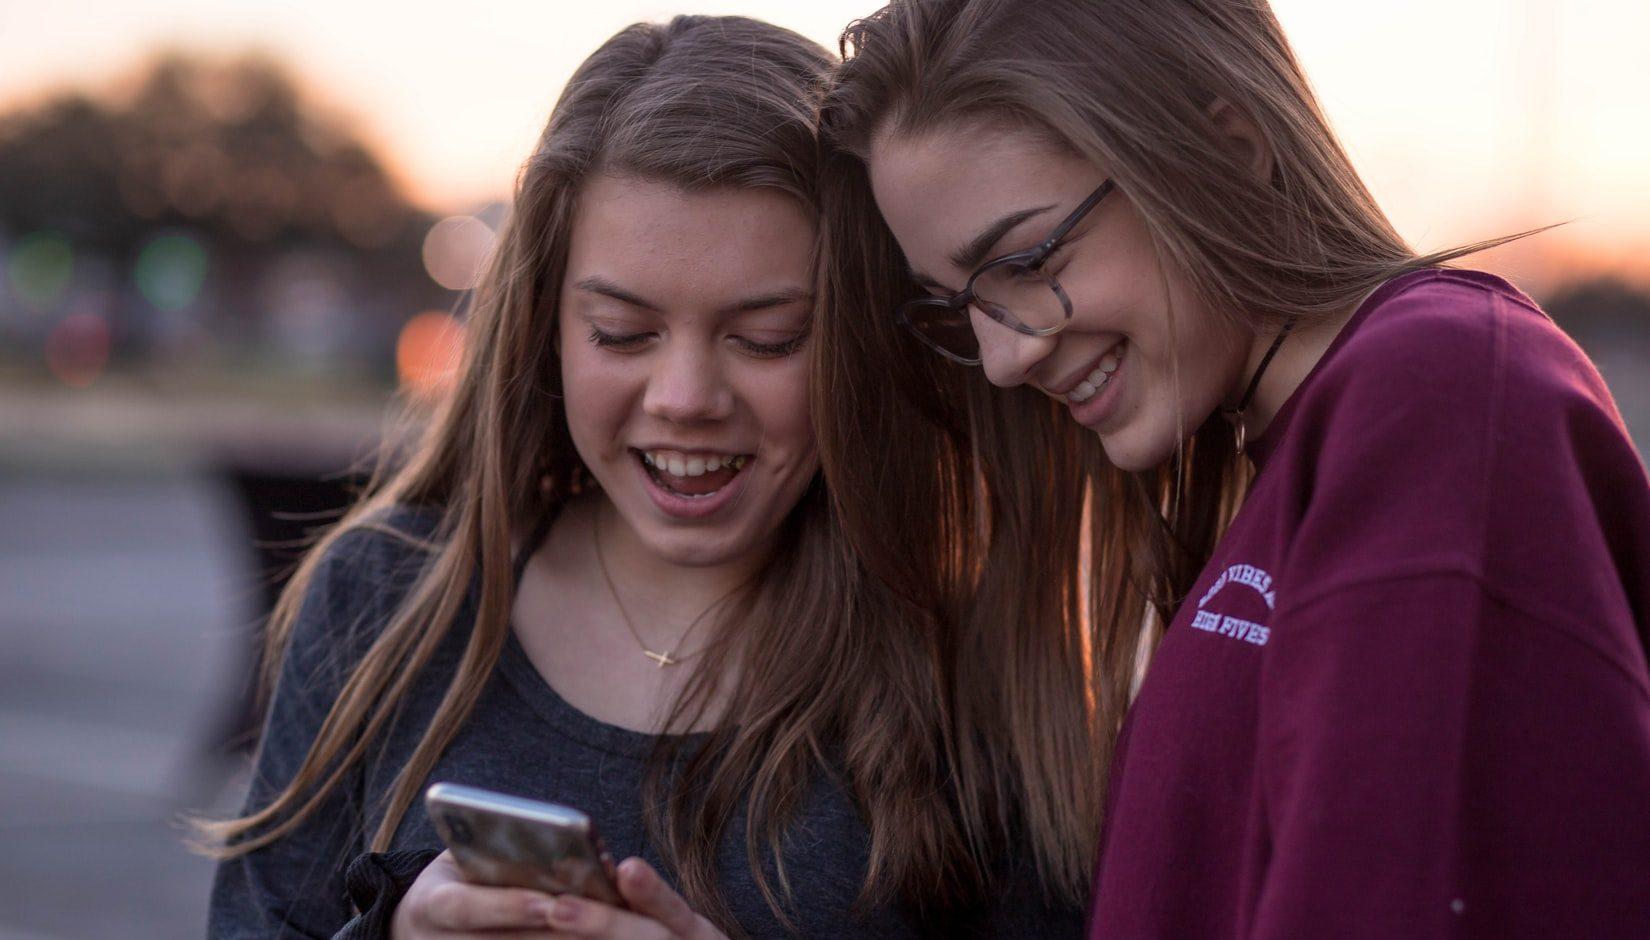 Conquistar um adolescente será difícil?